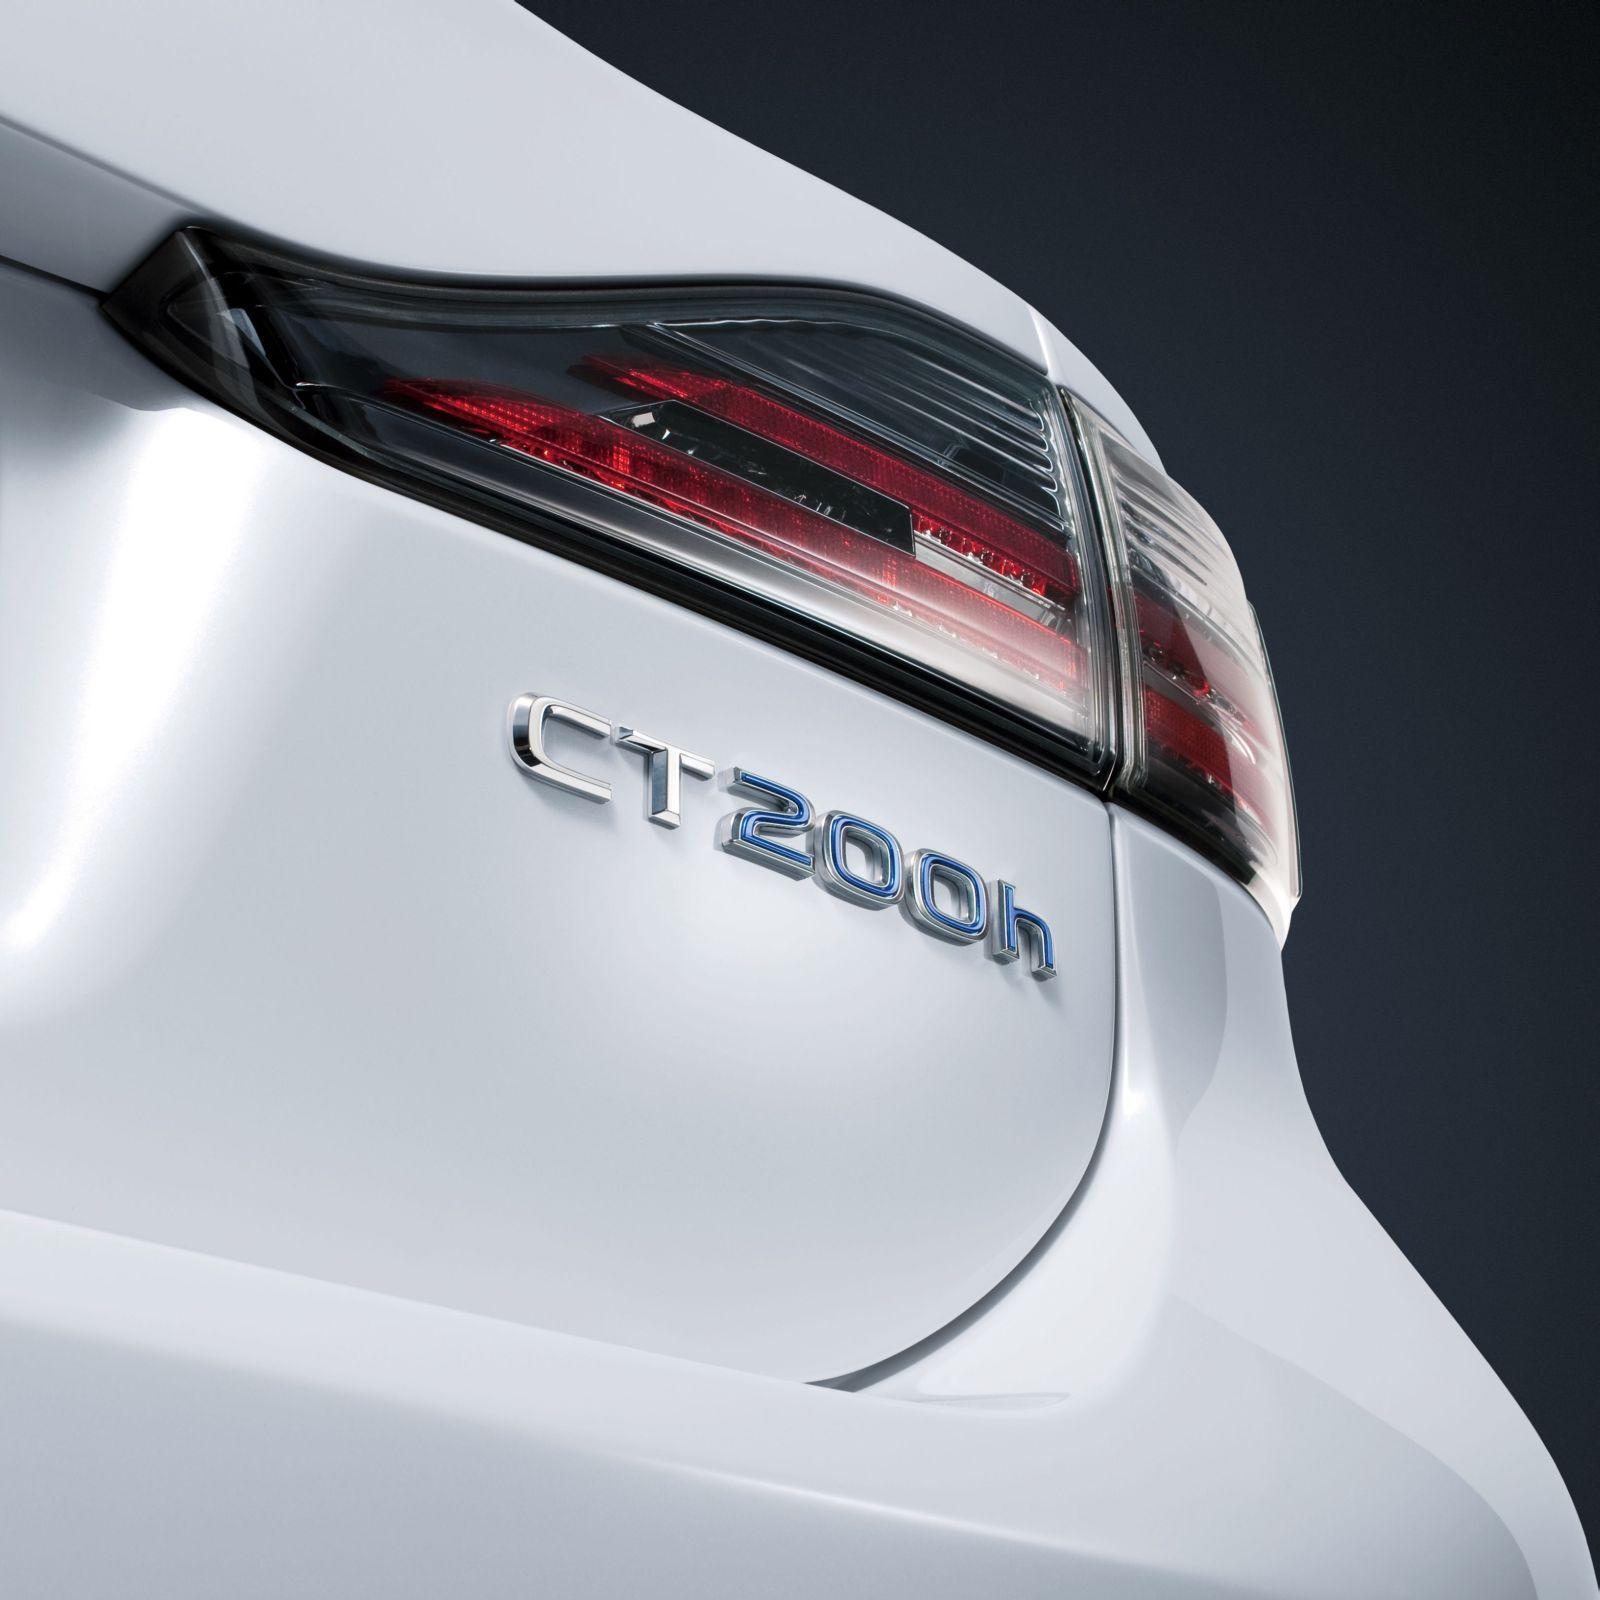 Ginevra 2010: nuova Lexus CT 200h